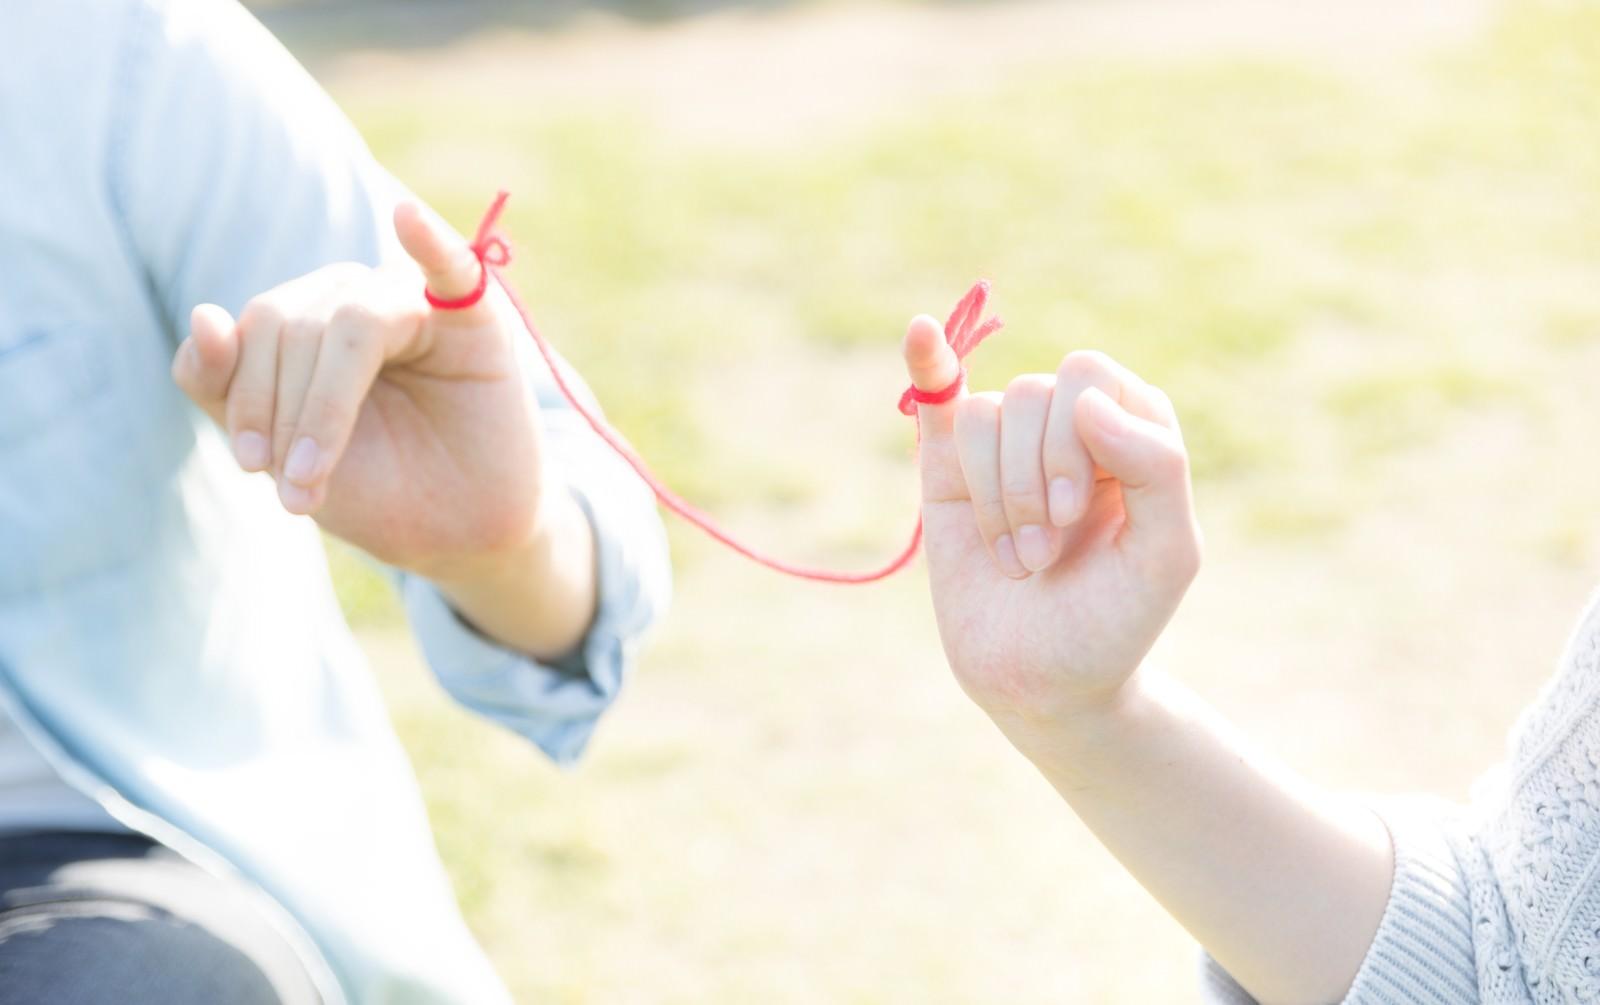 「赤い糸で結ばれた恋人」の写真[モデル:たけべともこ]